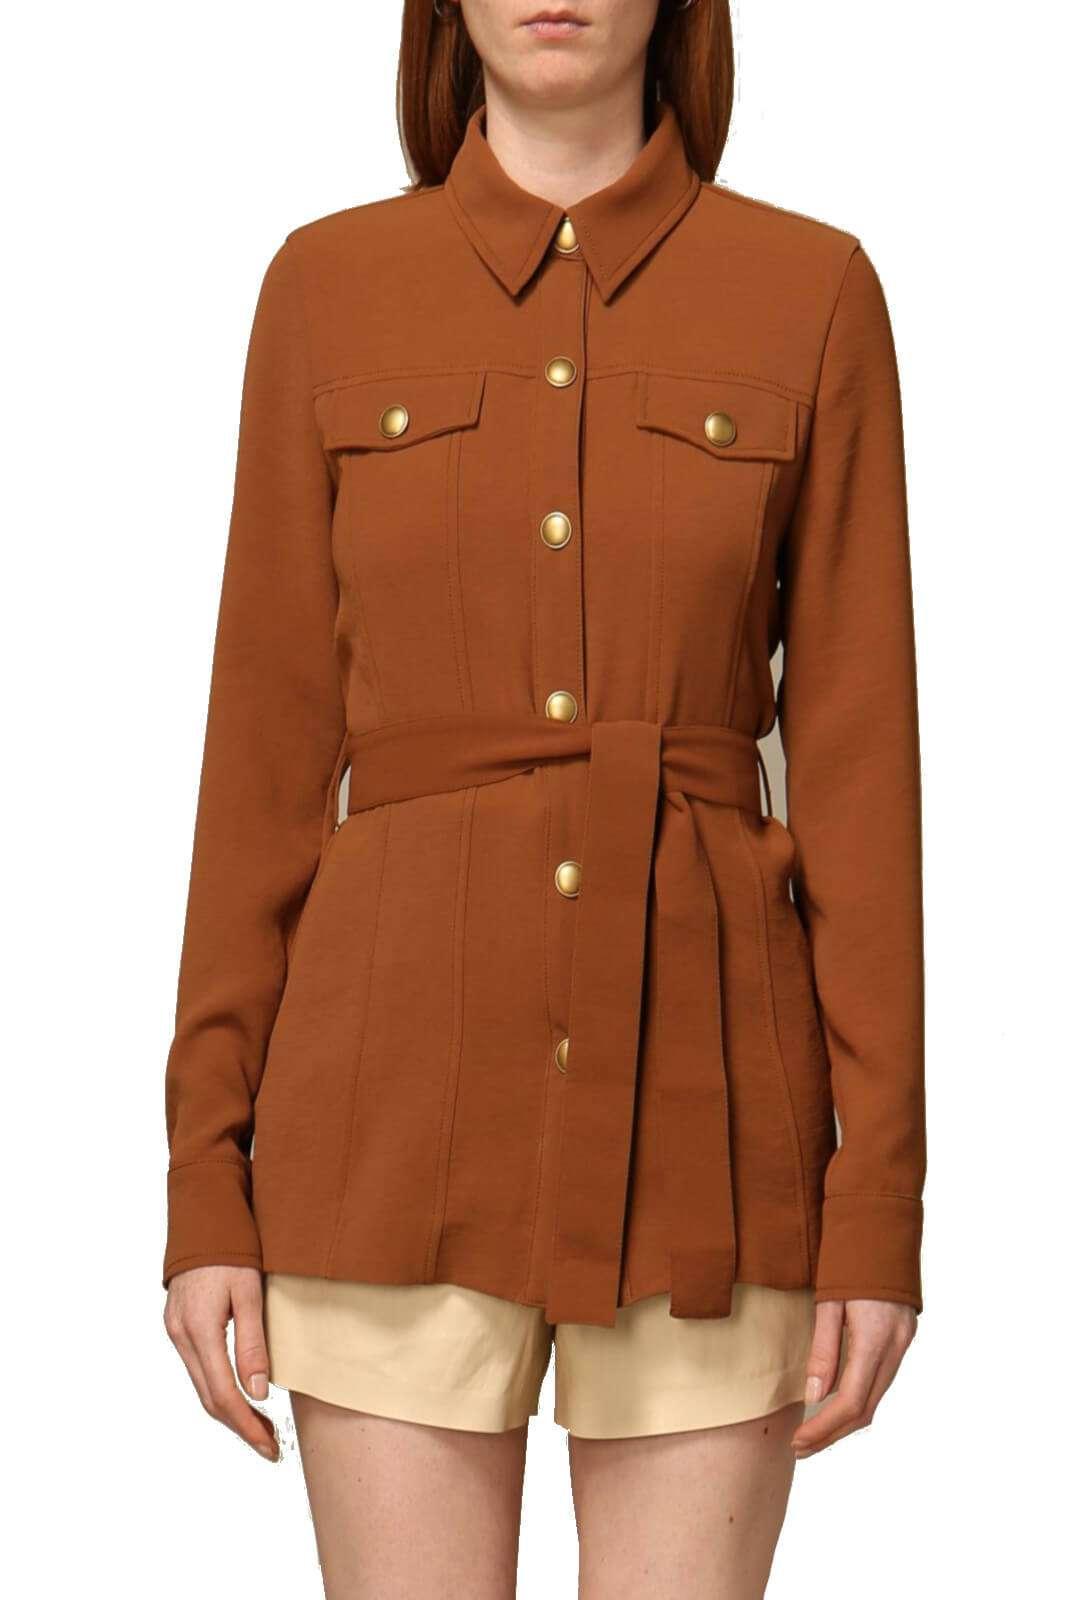 Elegante e rivoluzionaria la giacca dal modello camicia proposta dalla collection Pinko. Il tessuto stretch tinta unita si unisce allo stile metropolitano tanto in voga per un risultato comfort chic. Con un pantalone o con un jeans esalta ogni look.